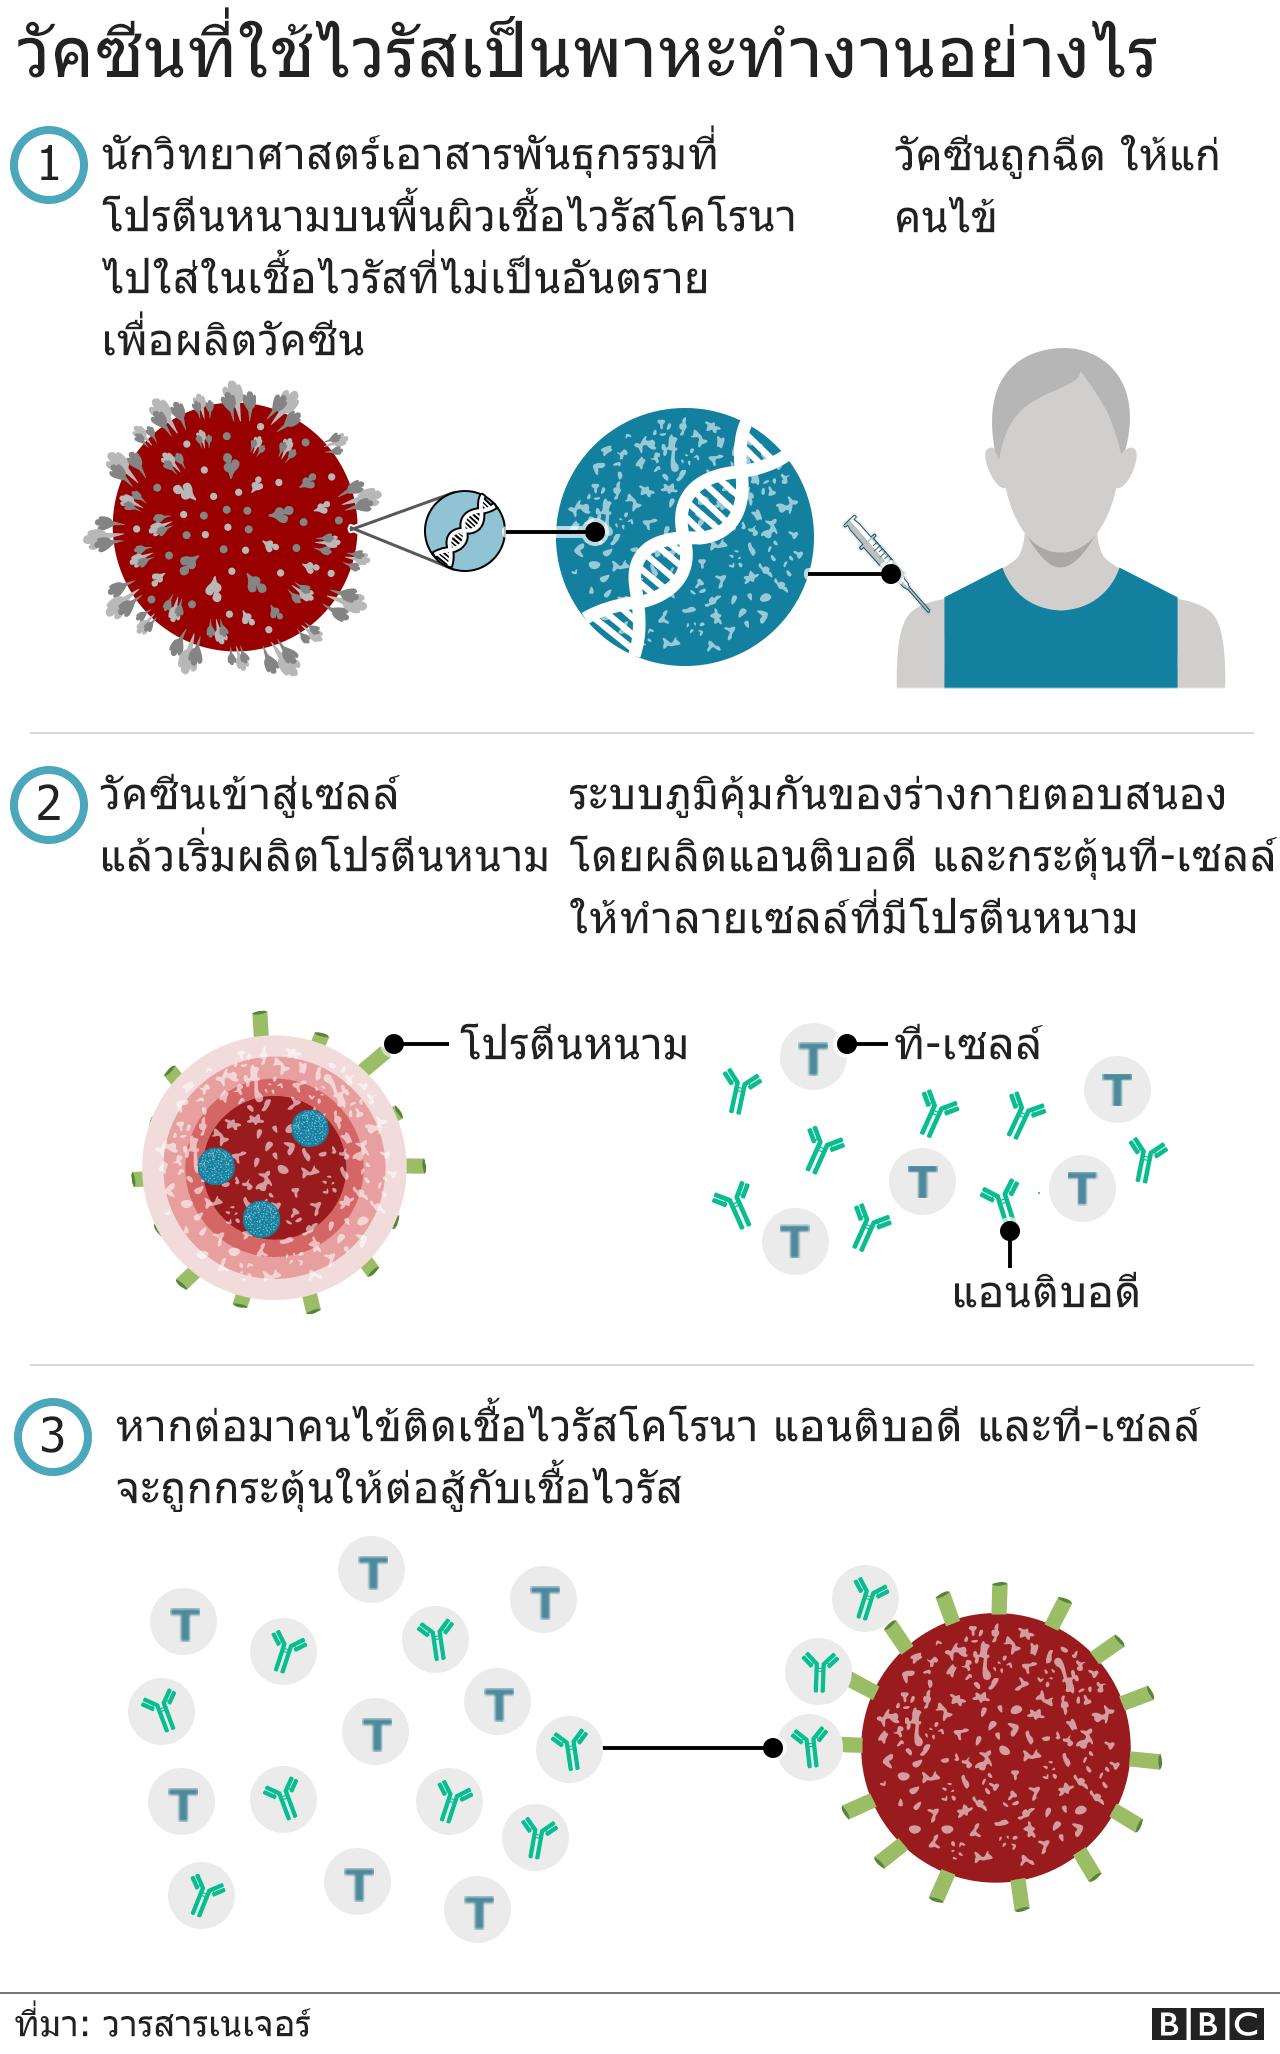 วัคซีนอ็อกซ์ฟอร์ด-แอสตร้าเซนเนก้า ทำงานอย่างไร